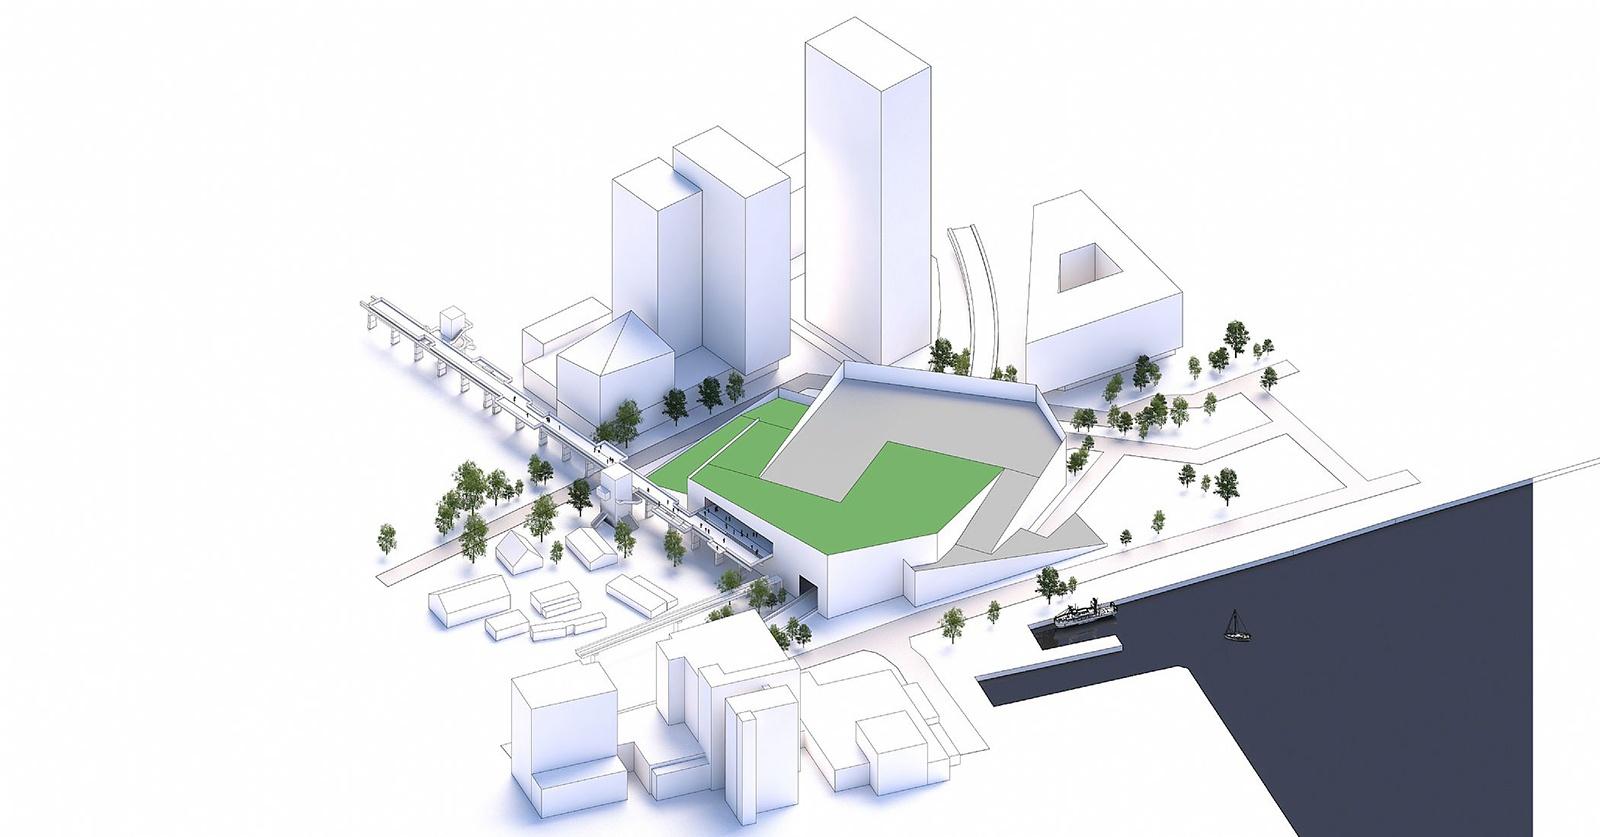 C-F-Moeller-Architects-og-Nordland-Arkitekter-og-vinder-opgaven-om-nyt-parkerings-og-aktivitetshus-i-img-10617-w2100-h1099